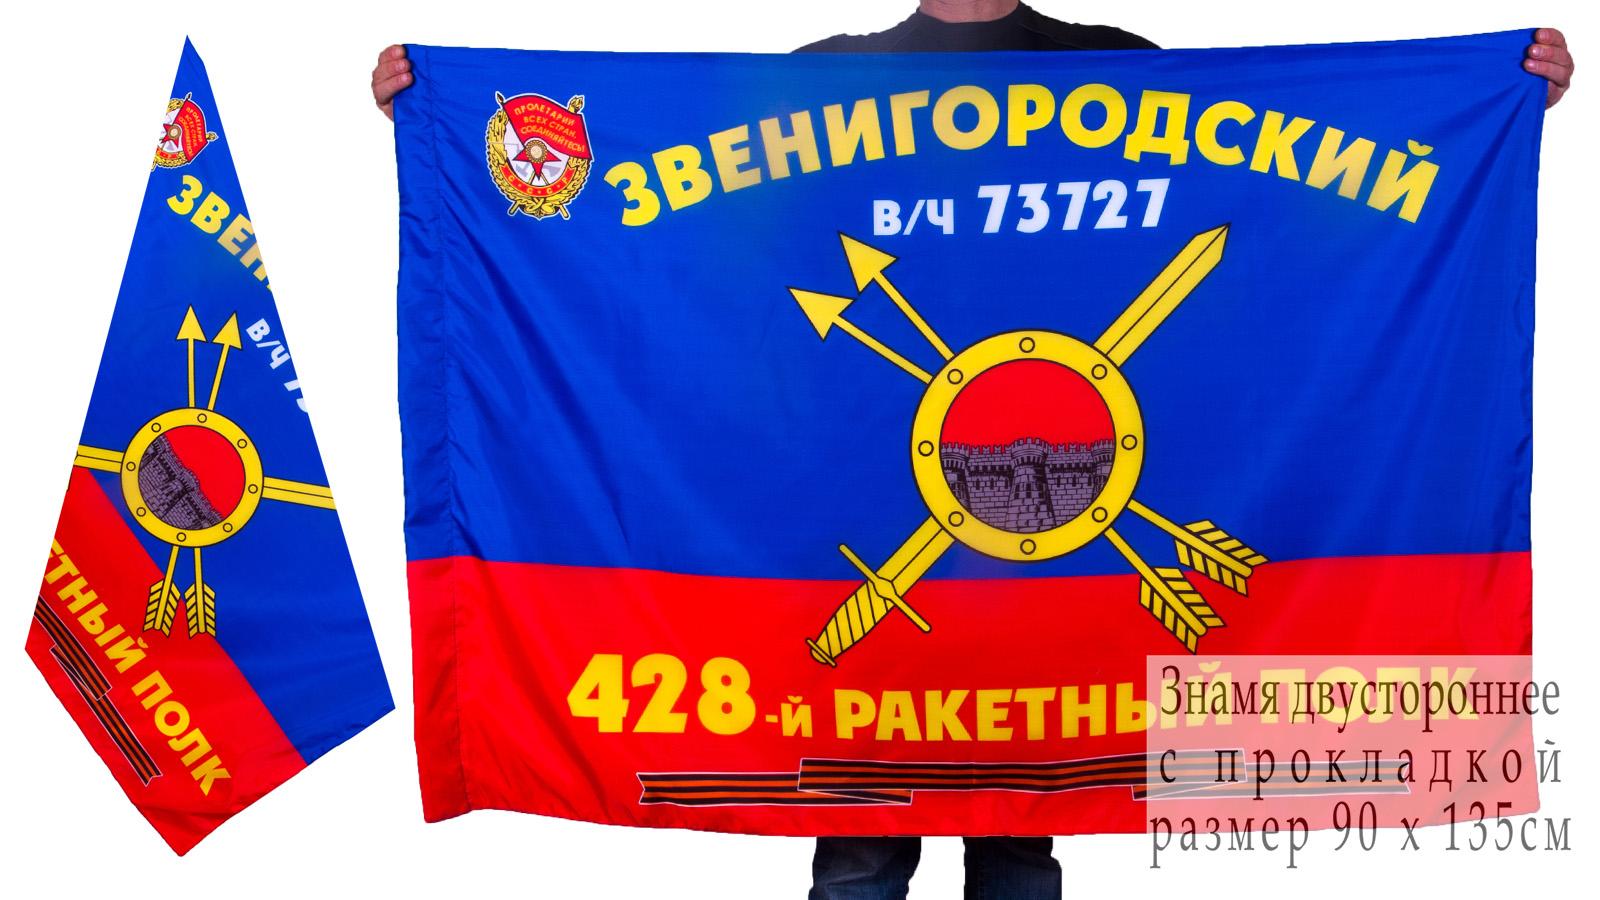 Знамя 428-го ракетного полка РВСН